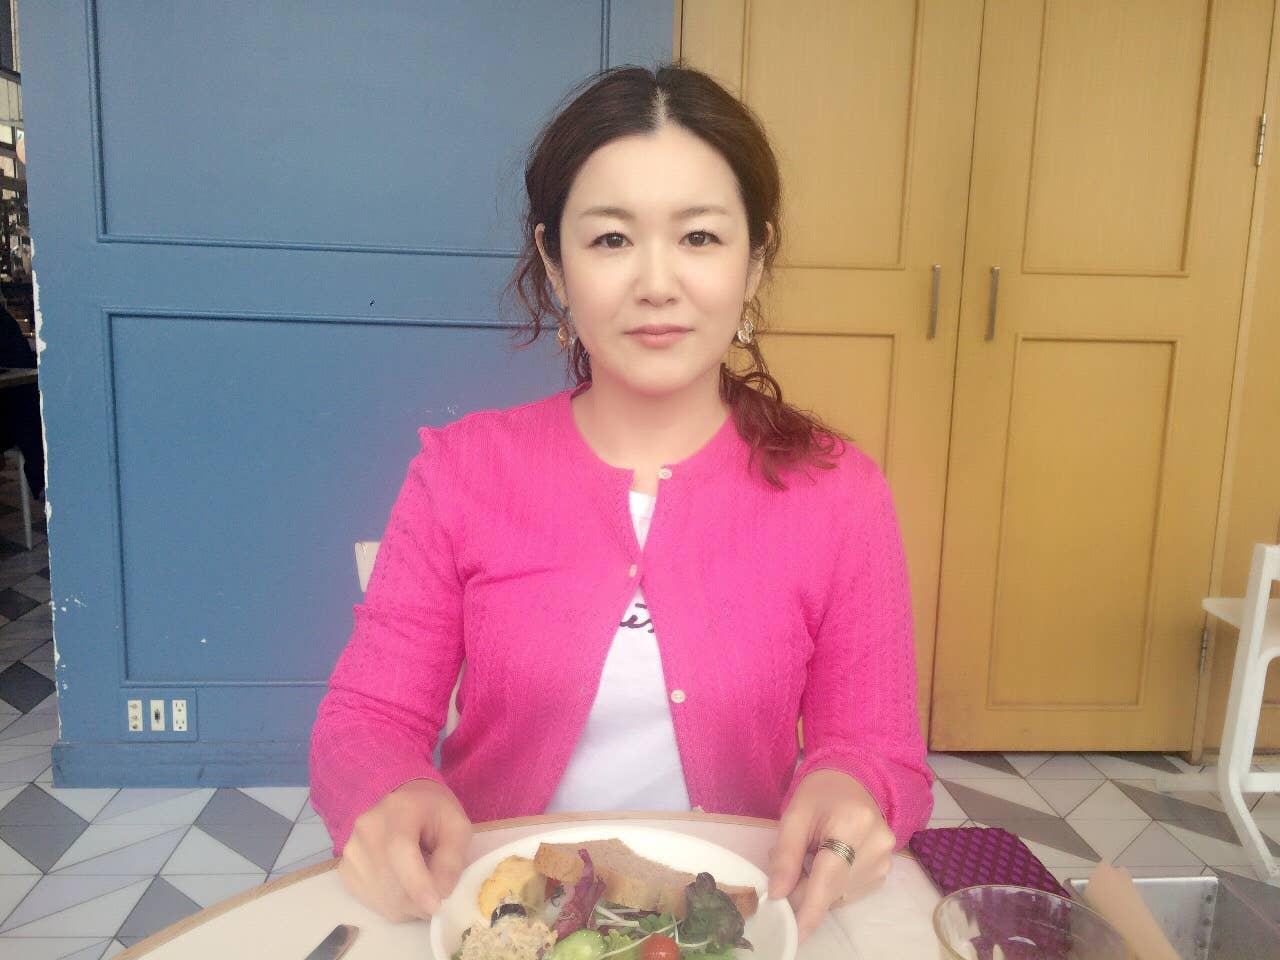 Tomoko Iwa